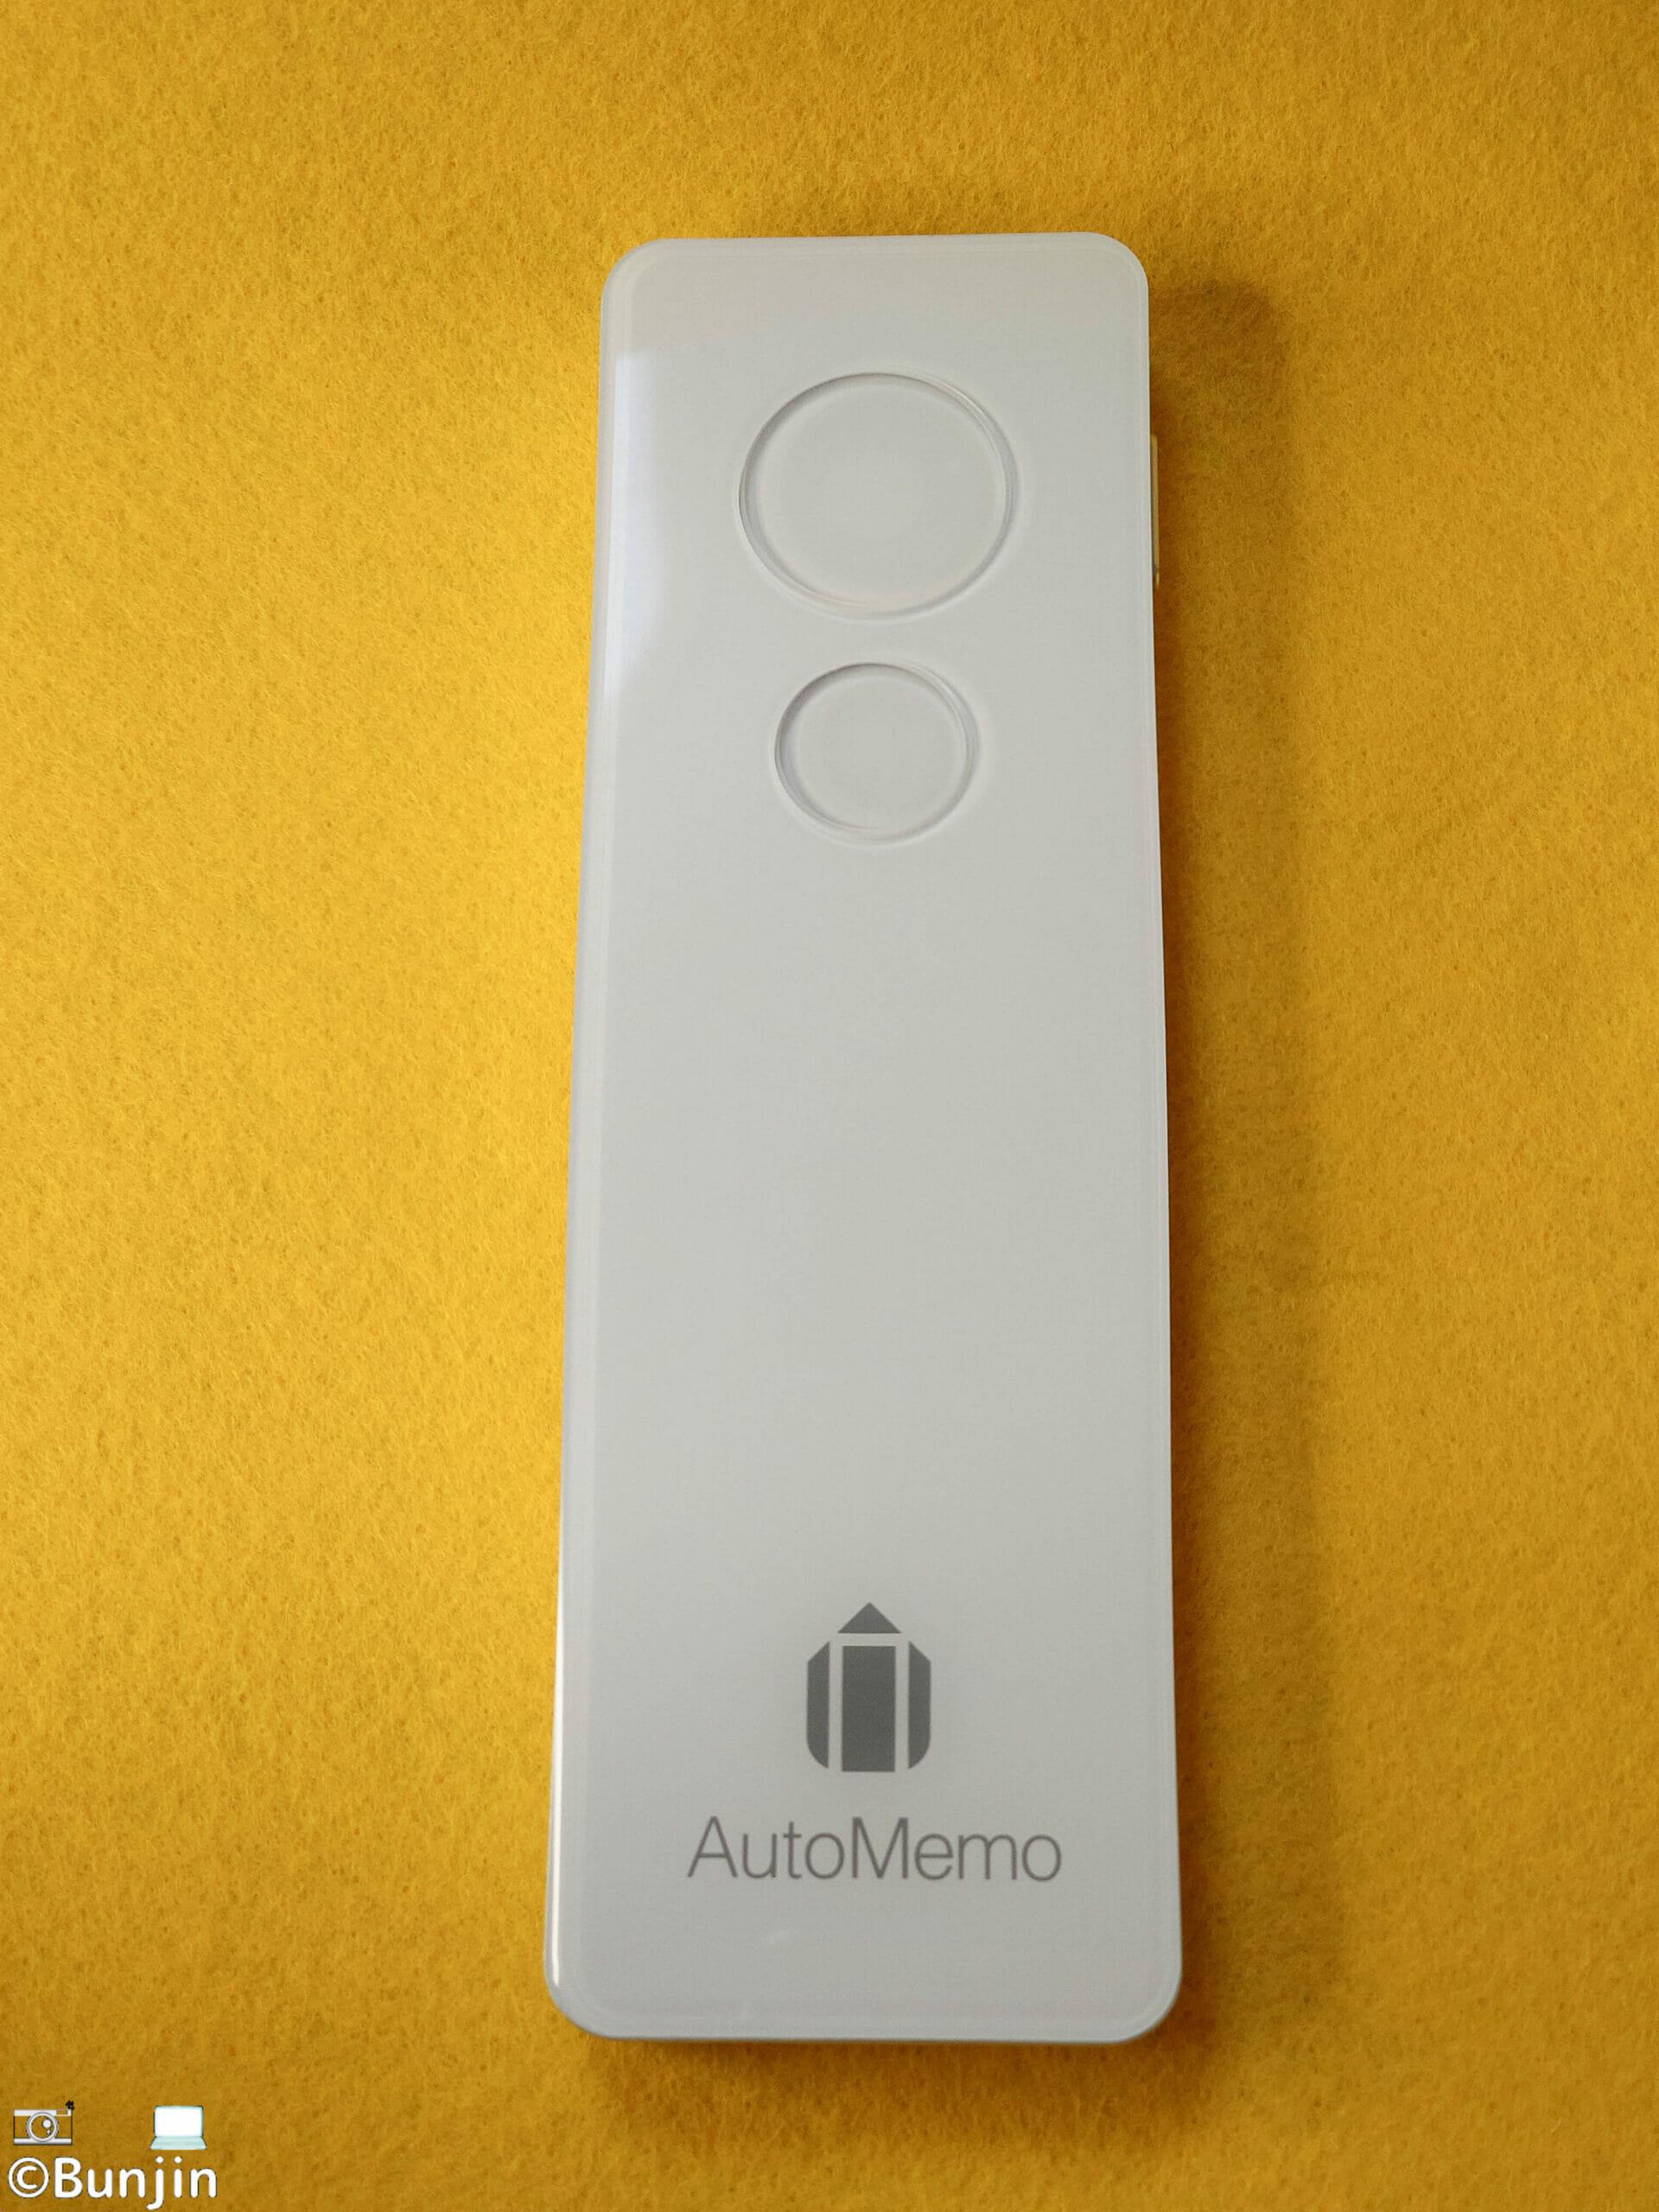 AutoMemo(ソースネクスト)